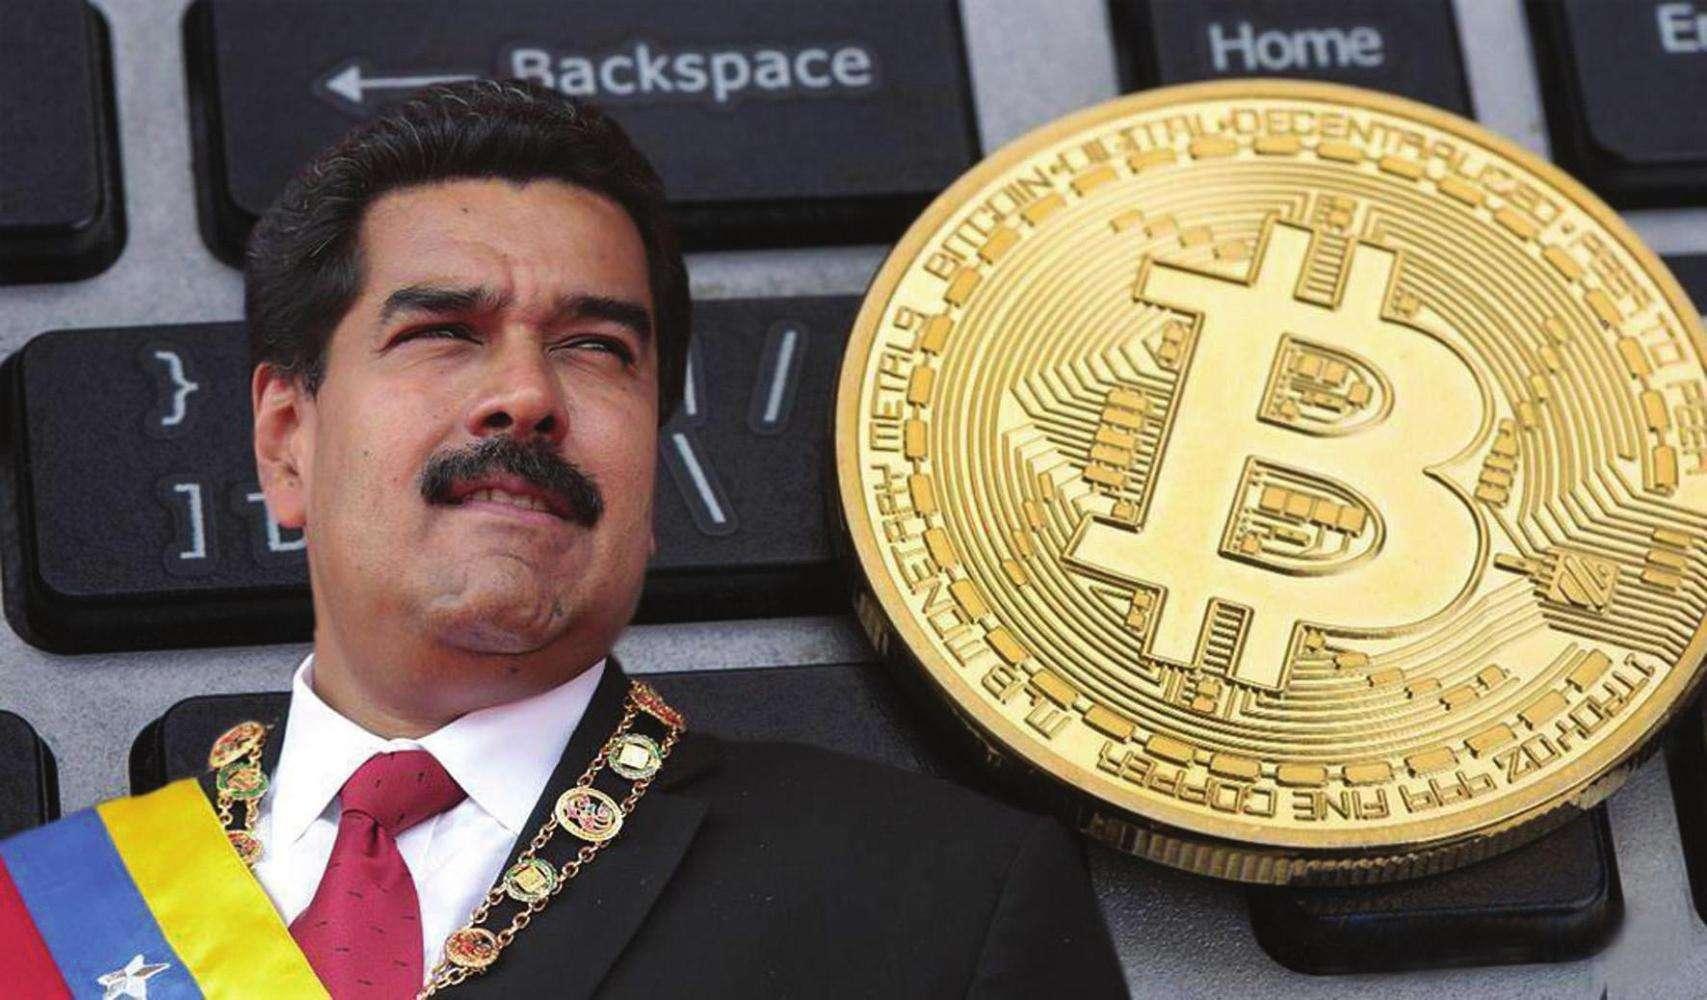 快讯 | 马杜罗:明年起委内瑞拉所有石油将通过石油币出售